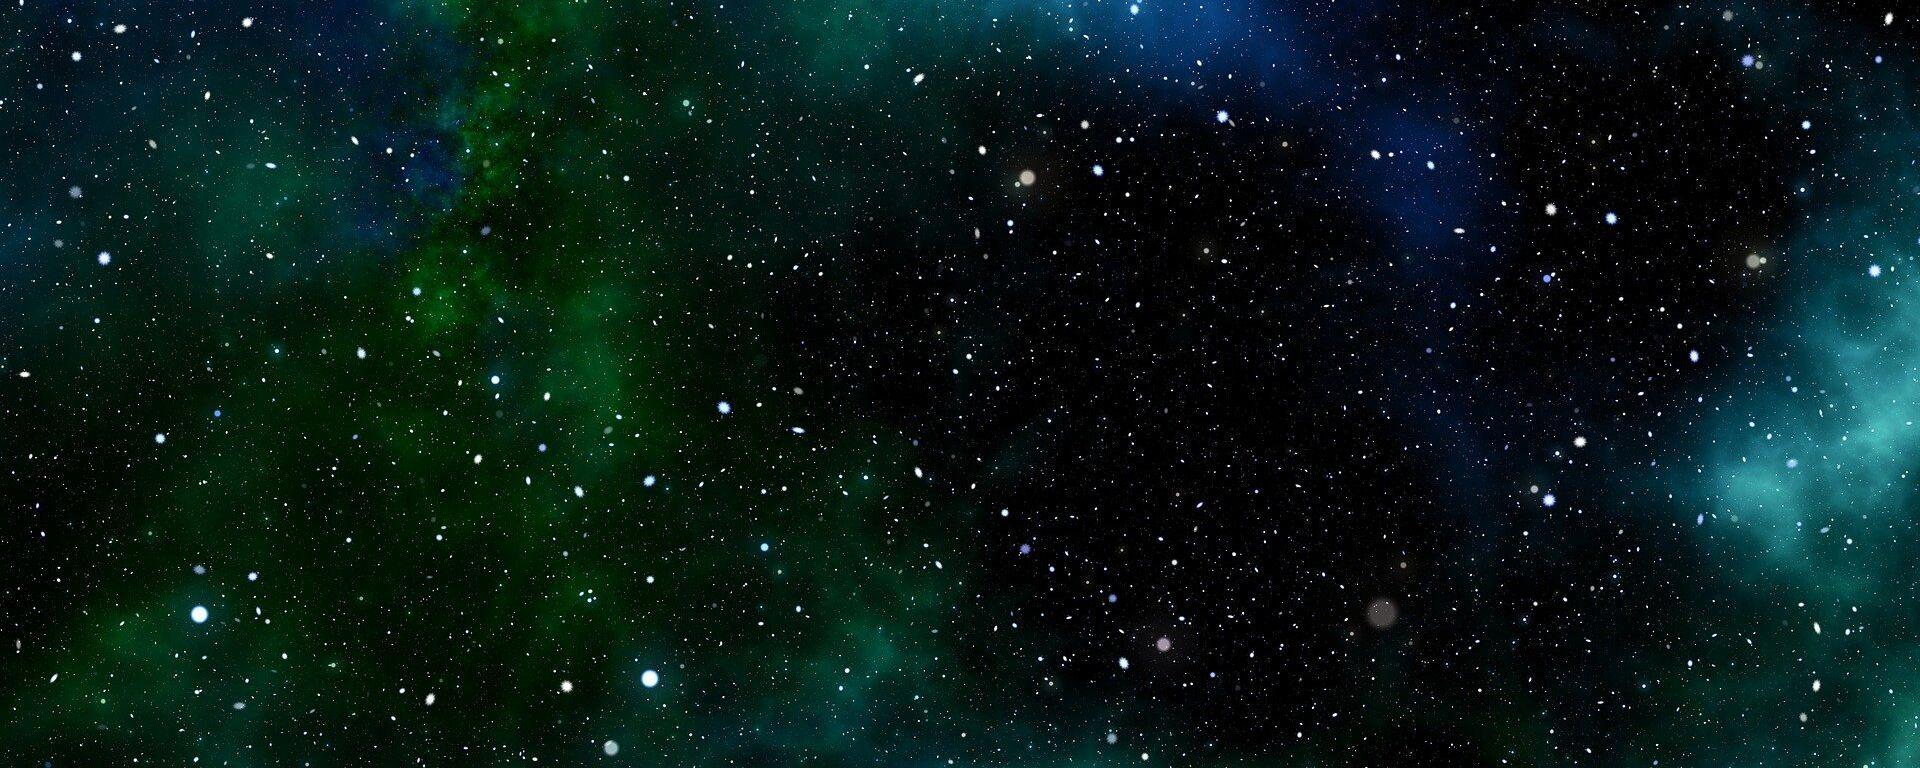 ვარსკვლავიანი ცა - Sputnik საქართველო, 1920, 11.01.2019